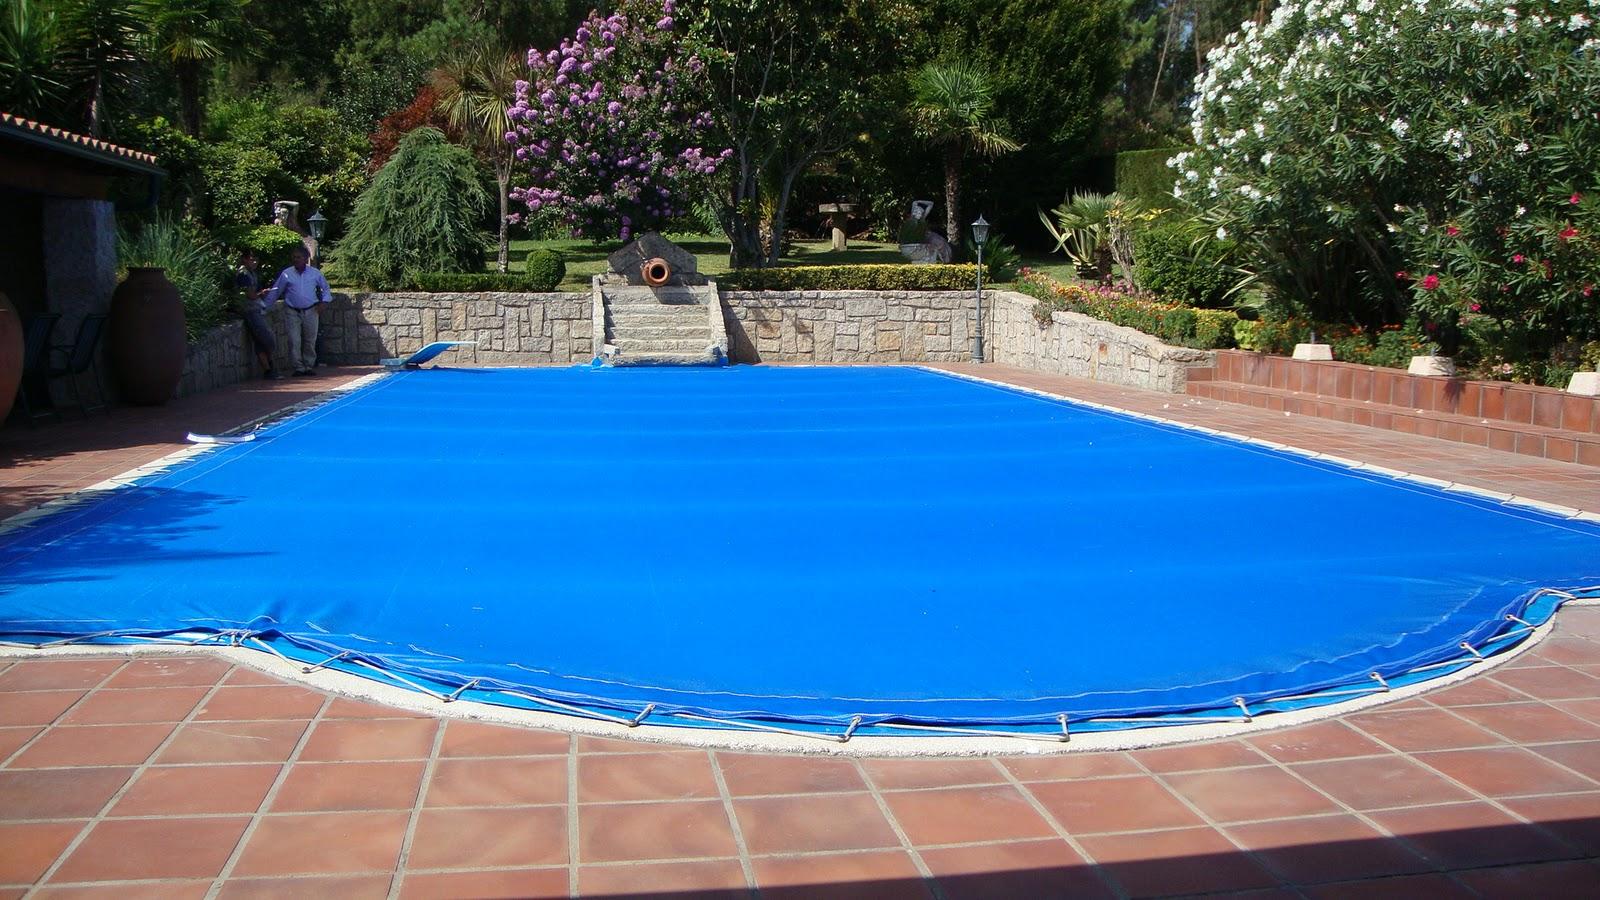 Todo tipo de toldos e publicidade coberturas piscinas - Todo para piscinas ...